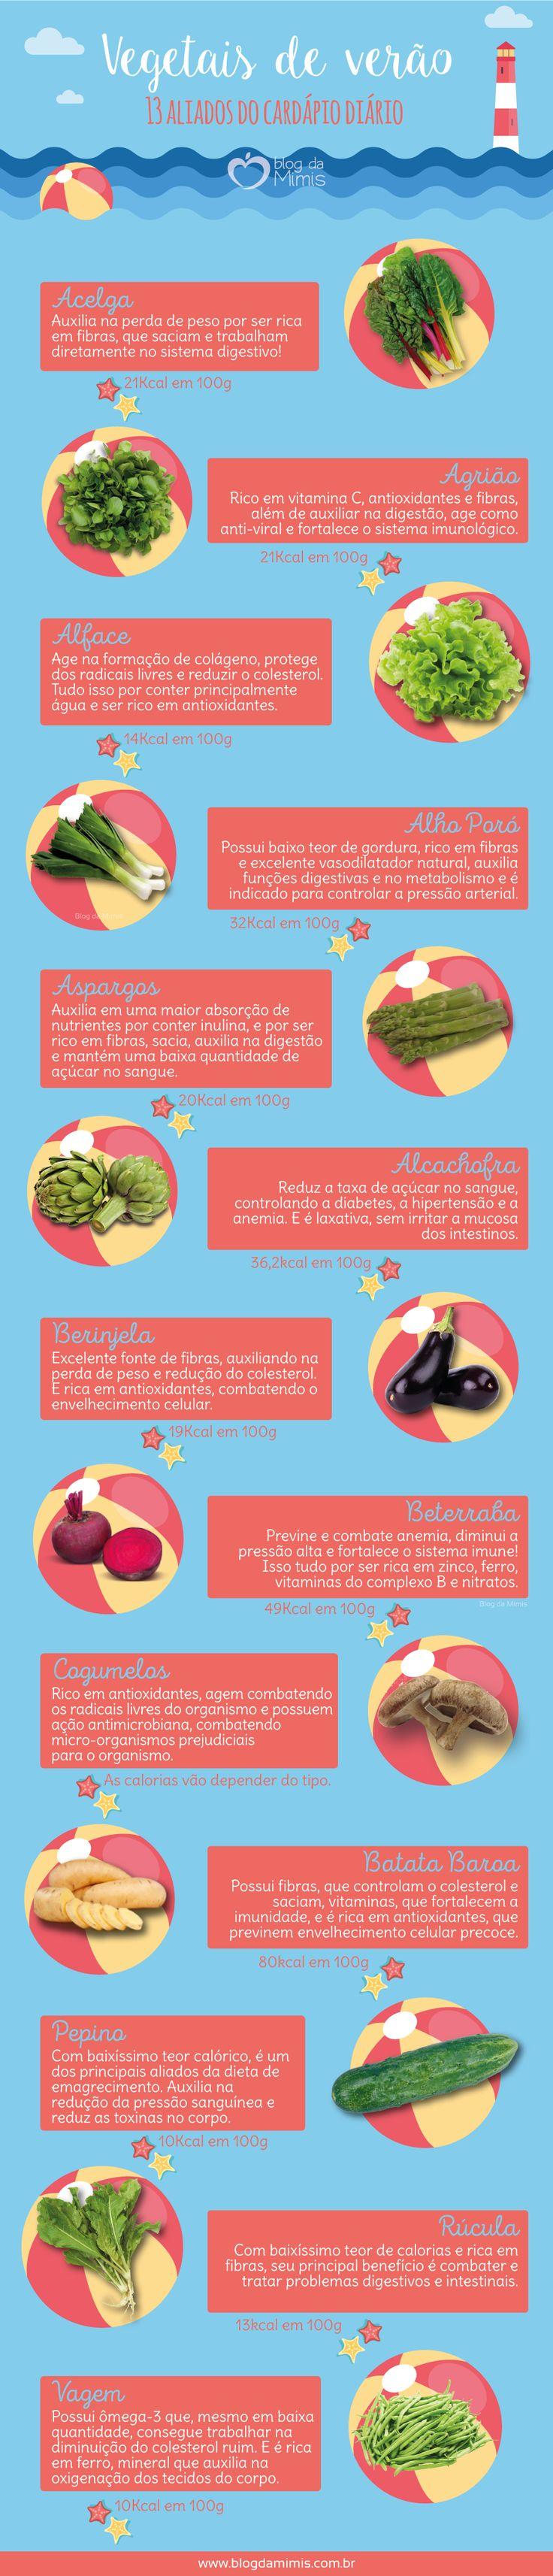 Vegetais de verão: 13 aliados do cardápio diário - Blog da Mimis #vegetais #vegetables #verão #alimentação #dieta #diet